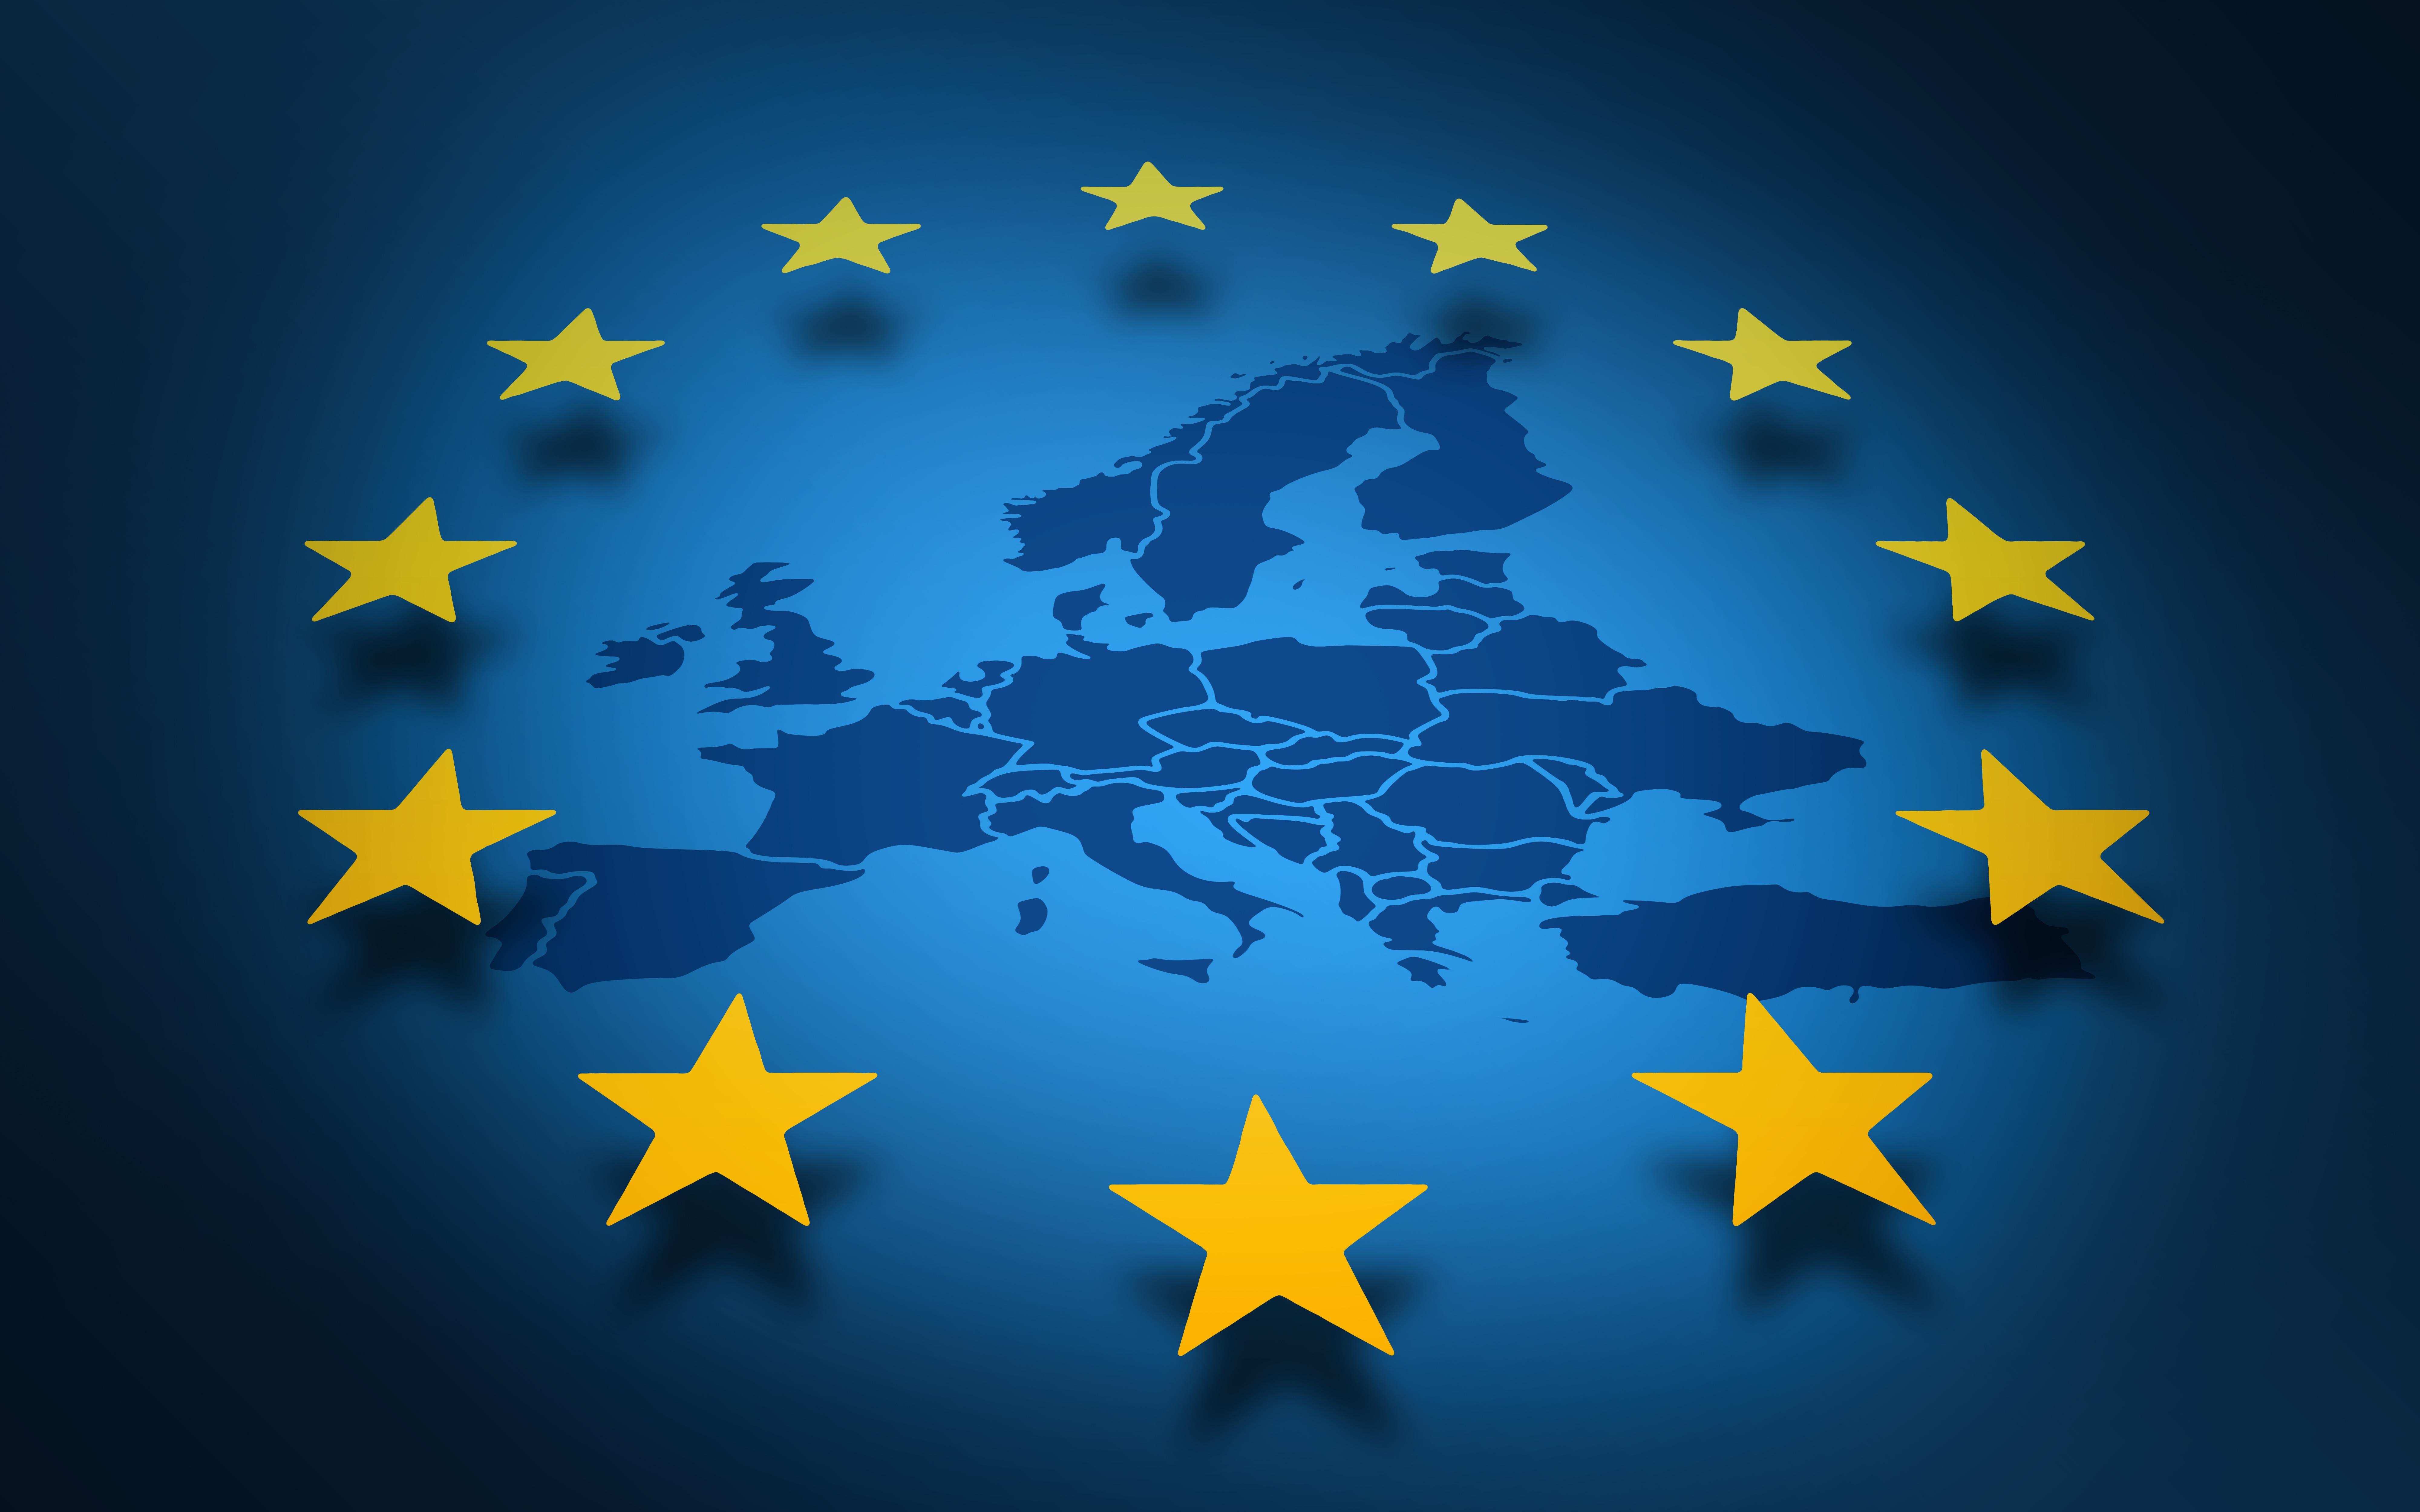 Les plus belles toiles de notre drapeau europ en - La chambre des preteurs de l union europeenne ...